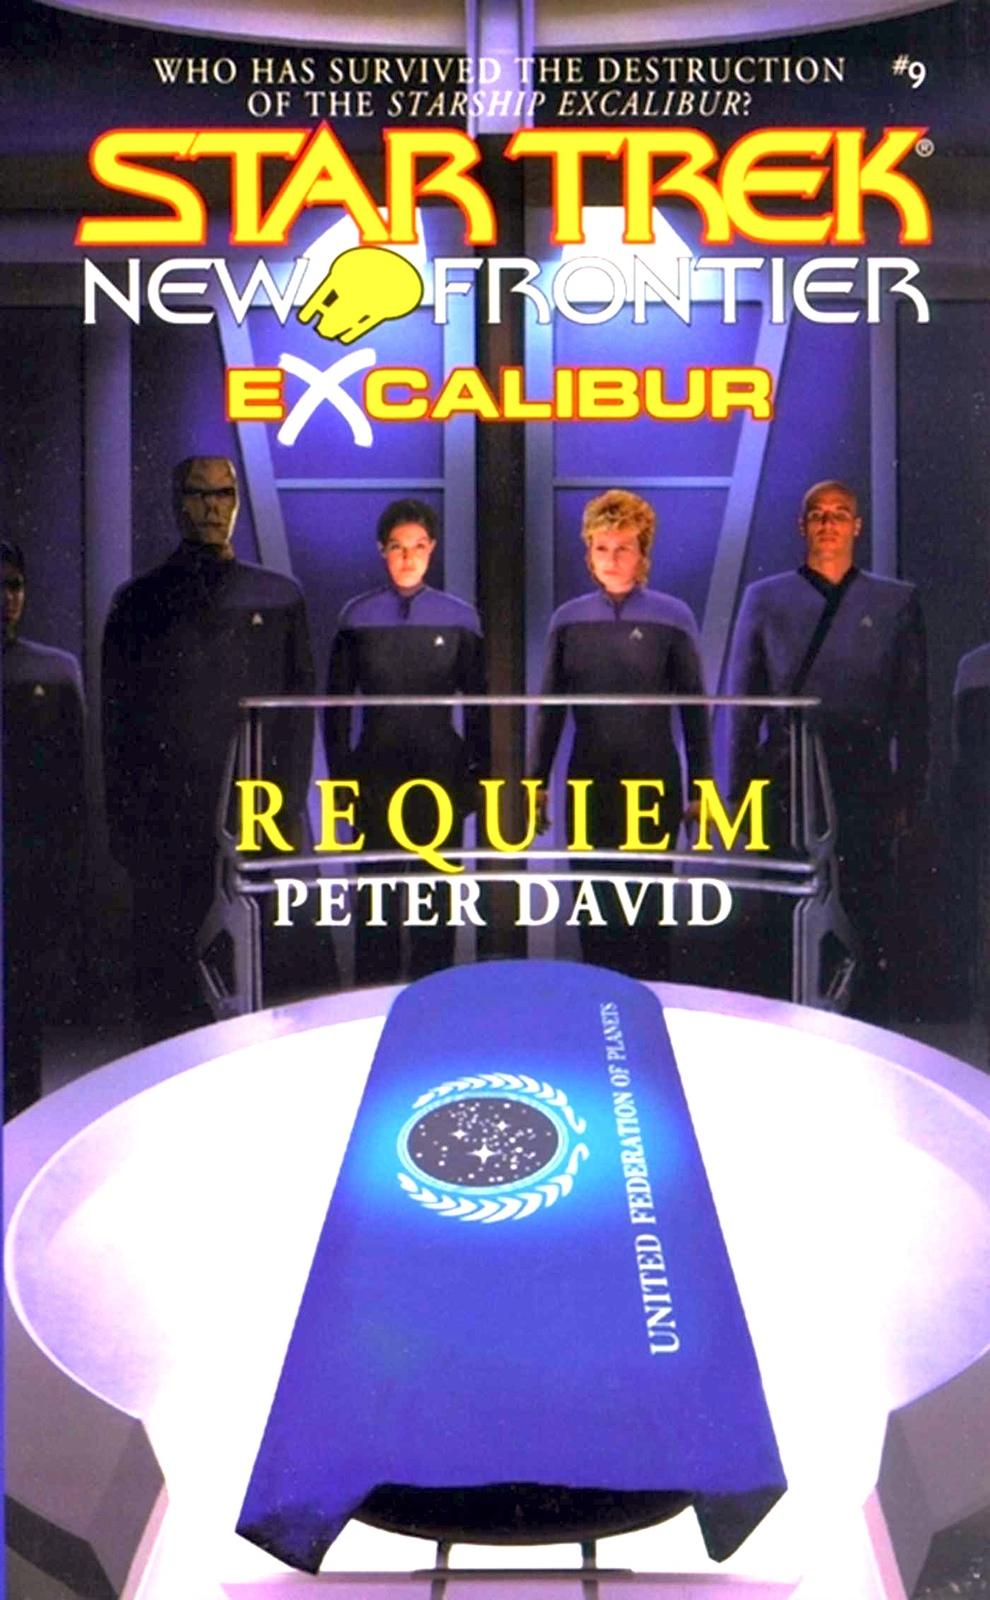 File:Requiem cover.jpg